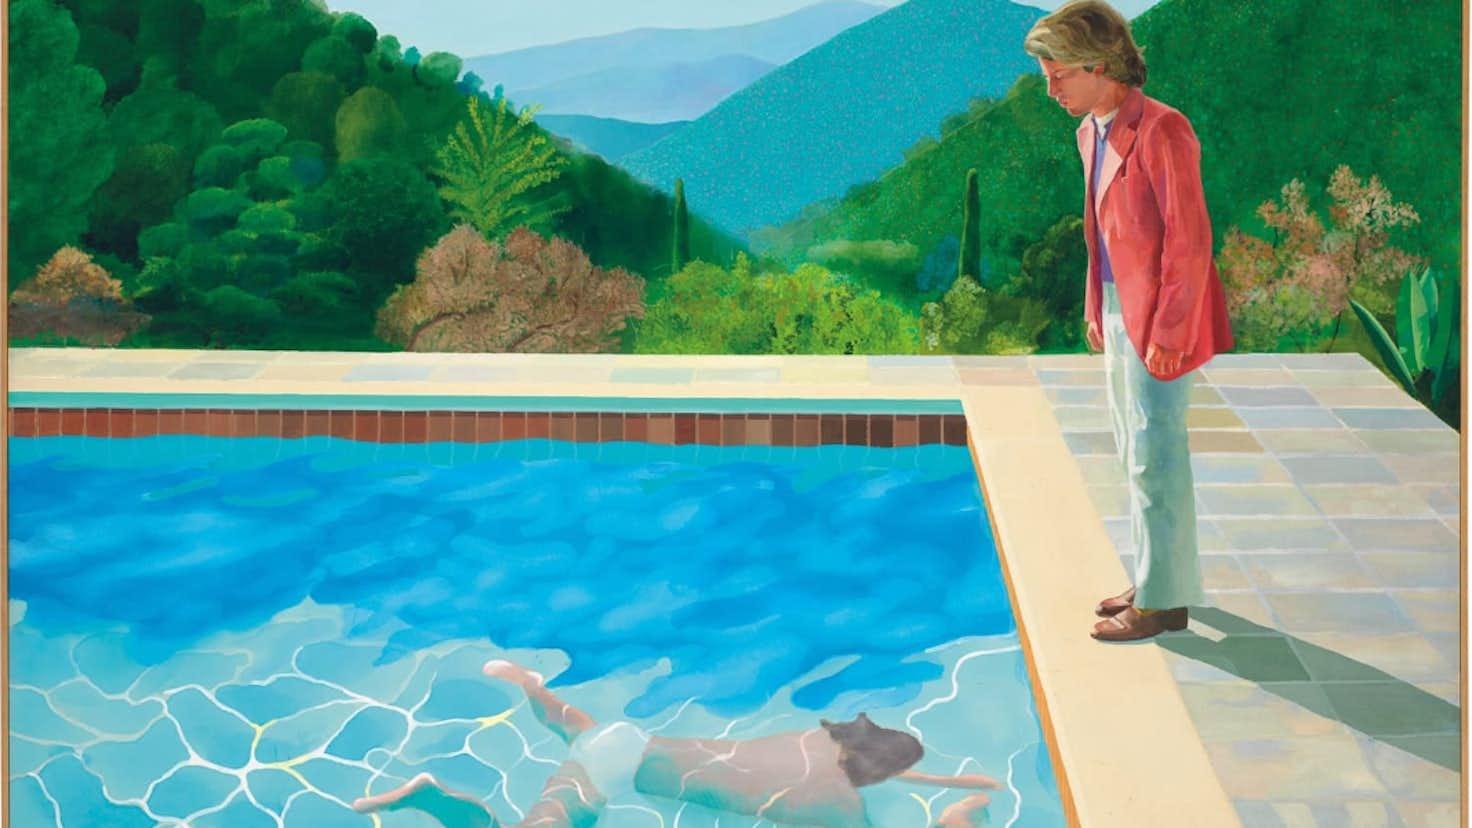 「ホックニー プール」の画像検索結果